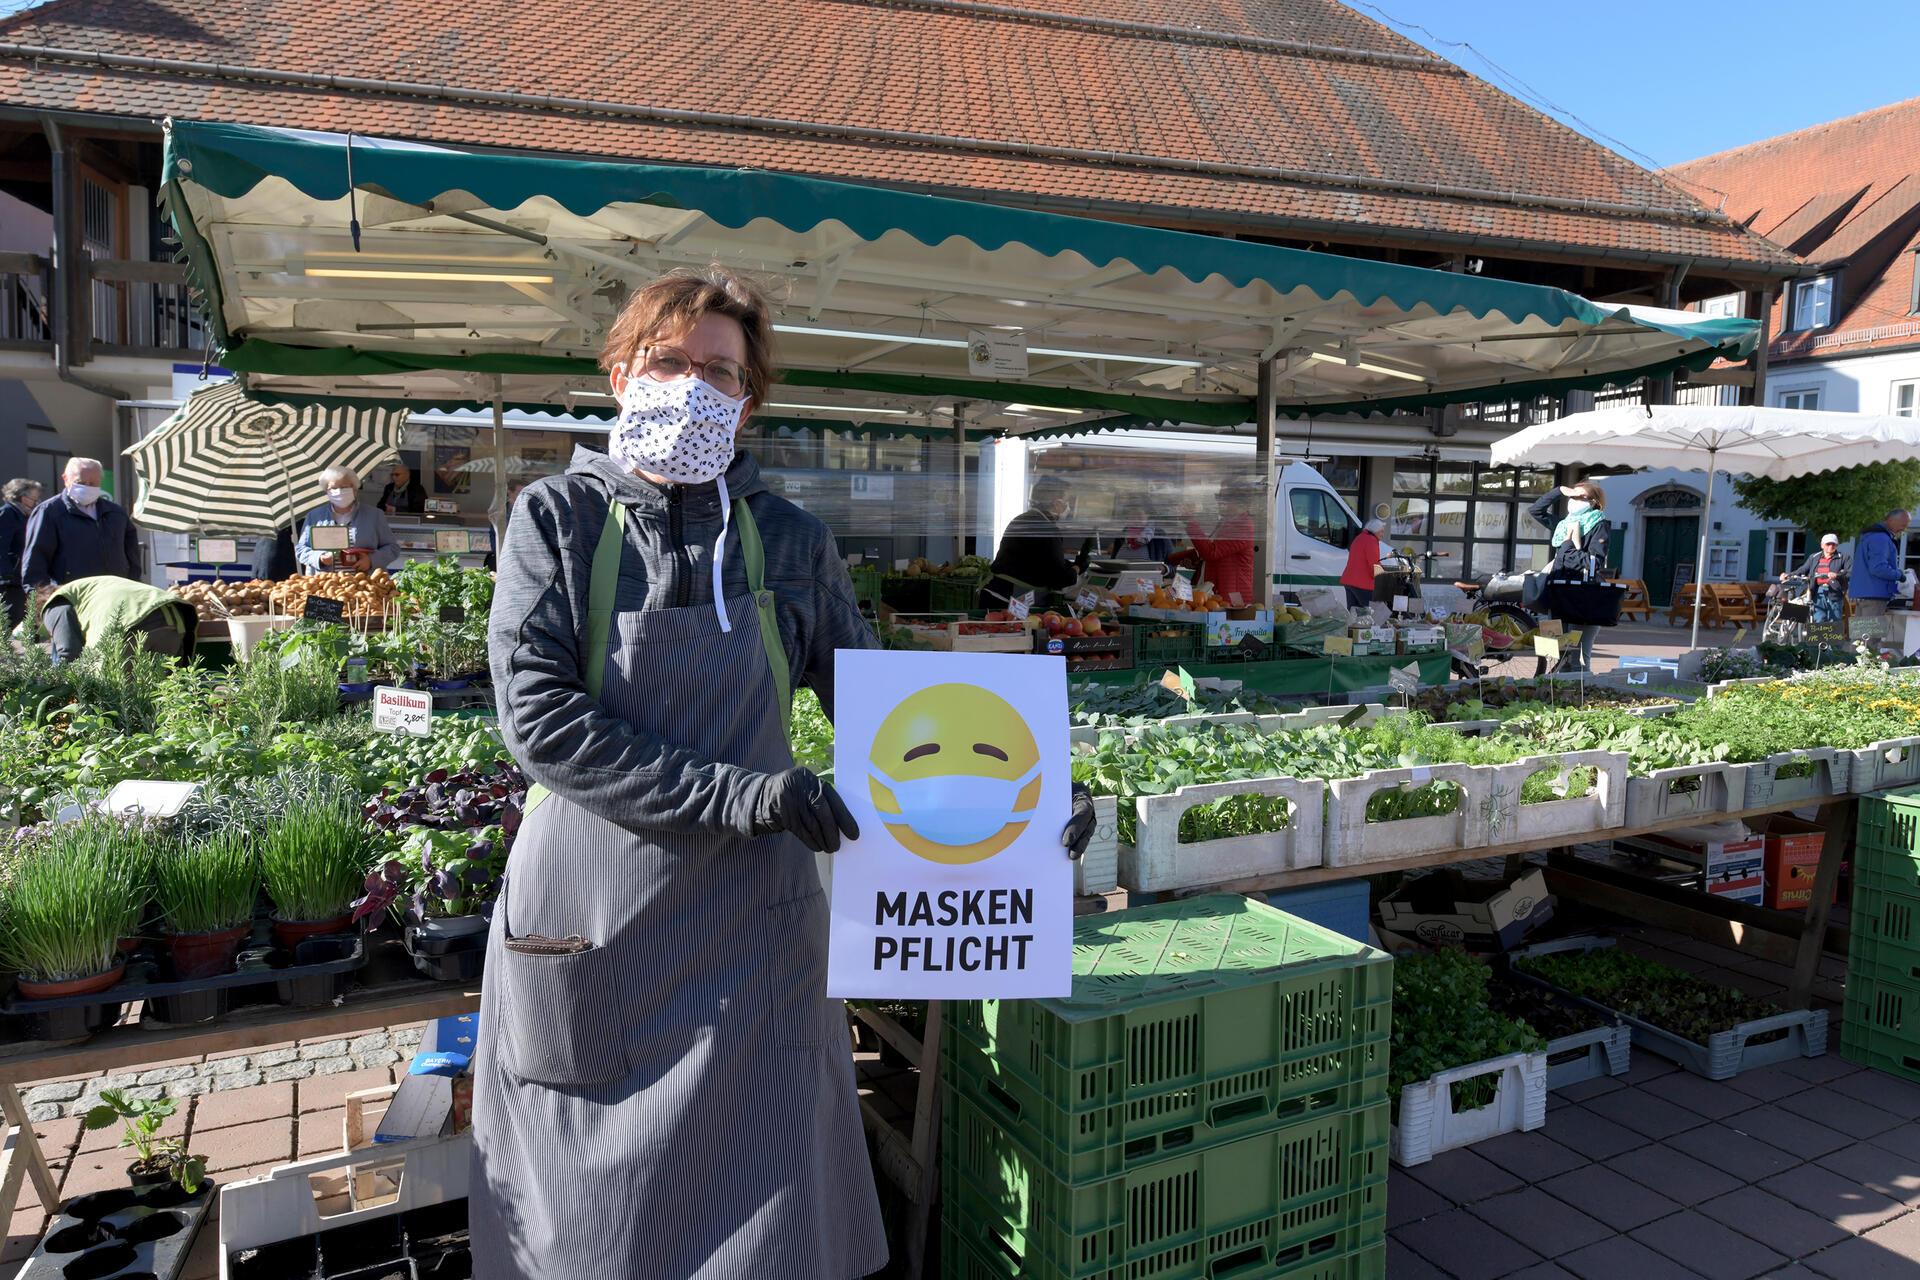 Maskenpflicht Wochenmarkt